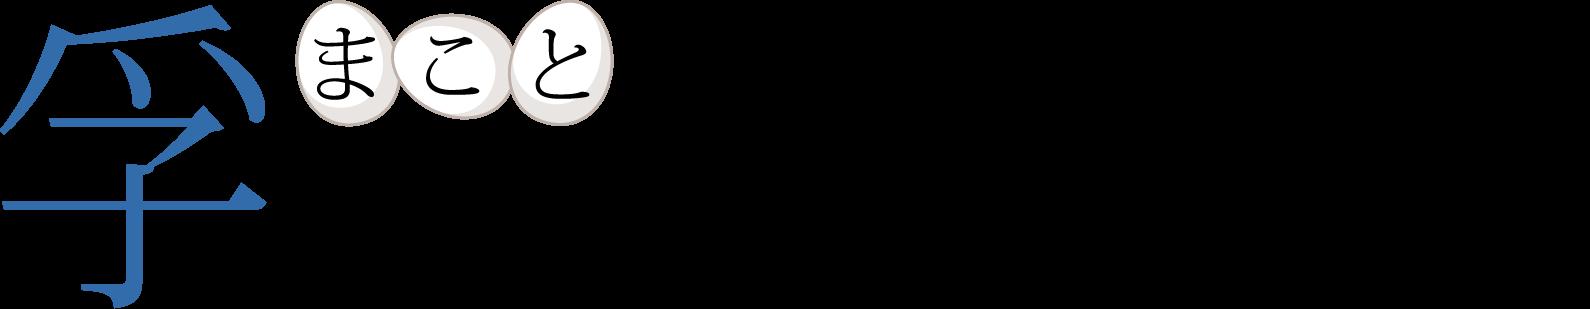 後継者・リーダー人材育成・組織開発支援|社労士・東洋哲学講師の飯田吉宏